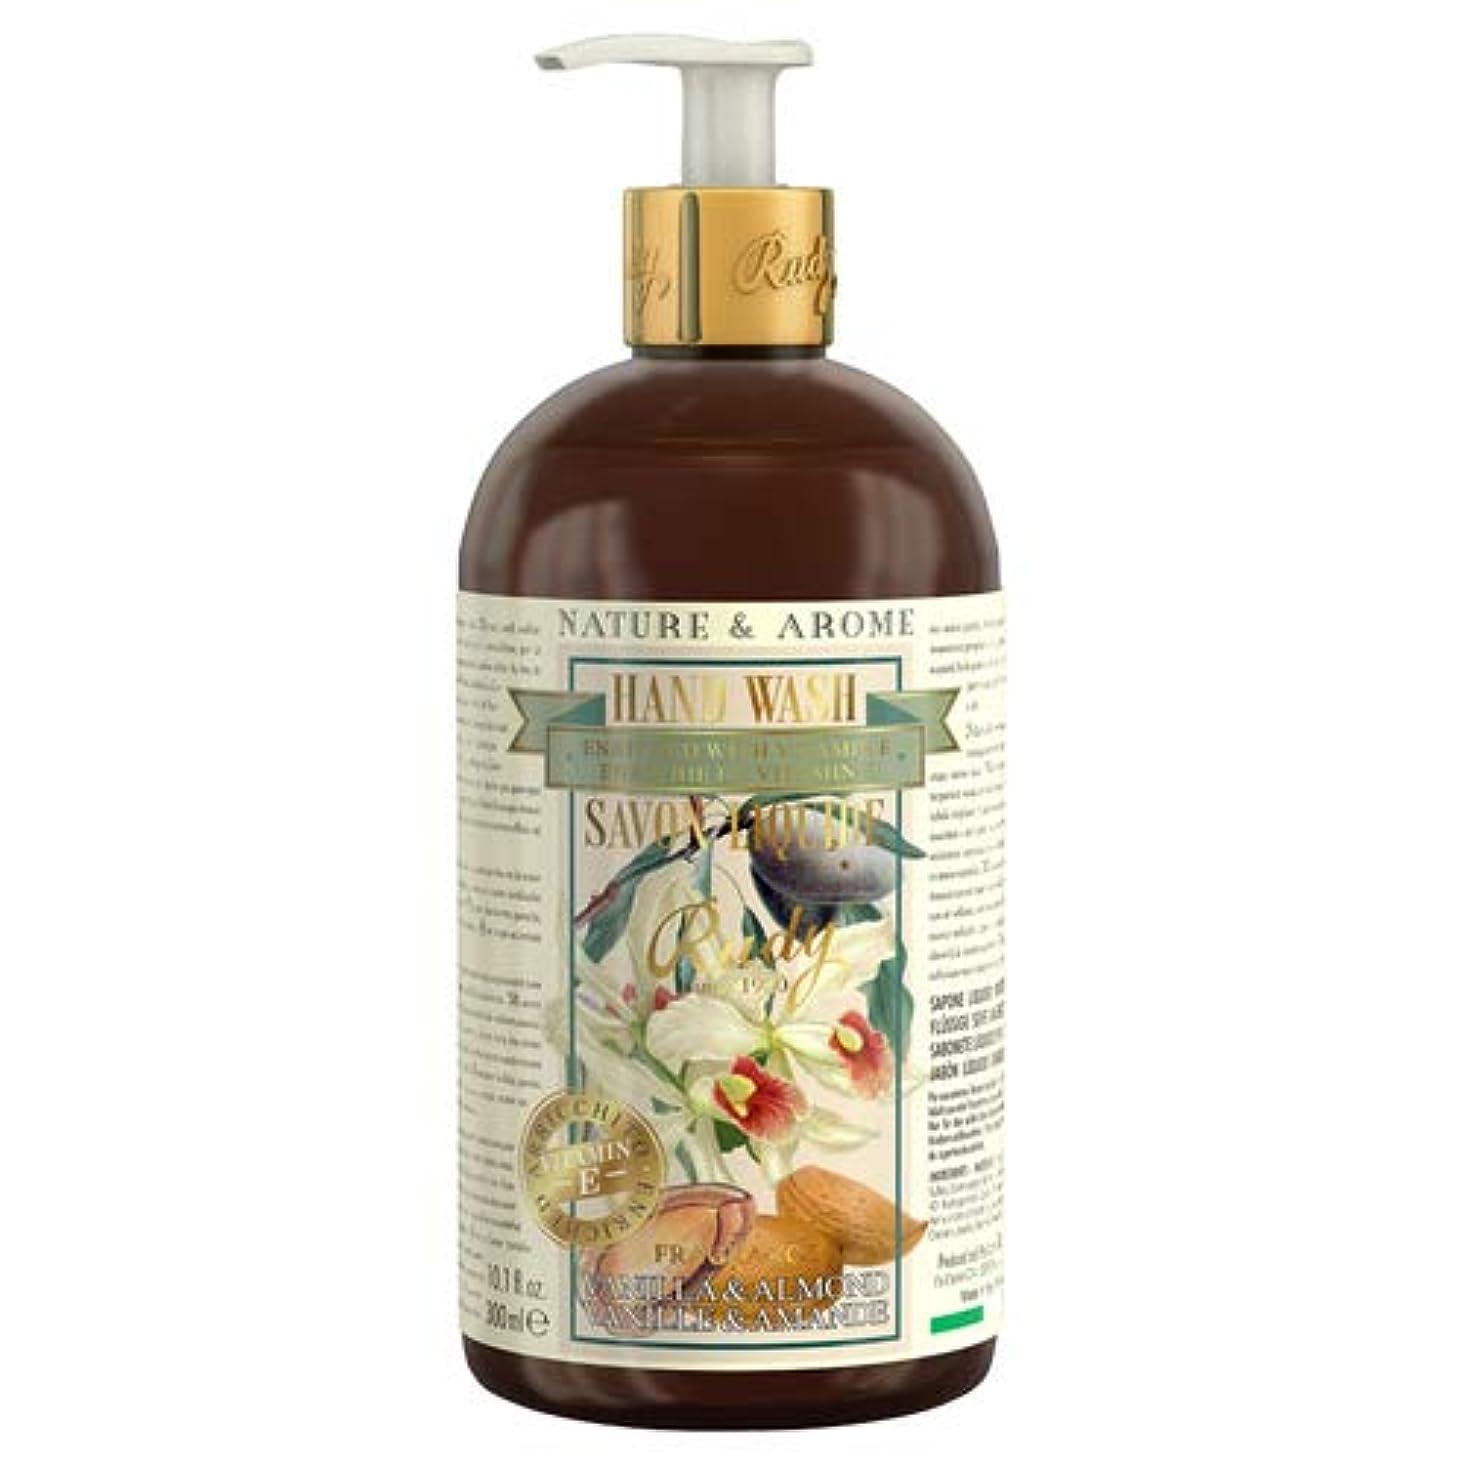 デモンストレーション独立してマーケティングRUDY Nature&Arome Apothecary ネイチャーアロマ アポセカリー Hand Wash ハンドウォッシュ(ボディソープ) Vanilla & Almond バニラ&アーモンド